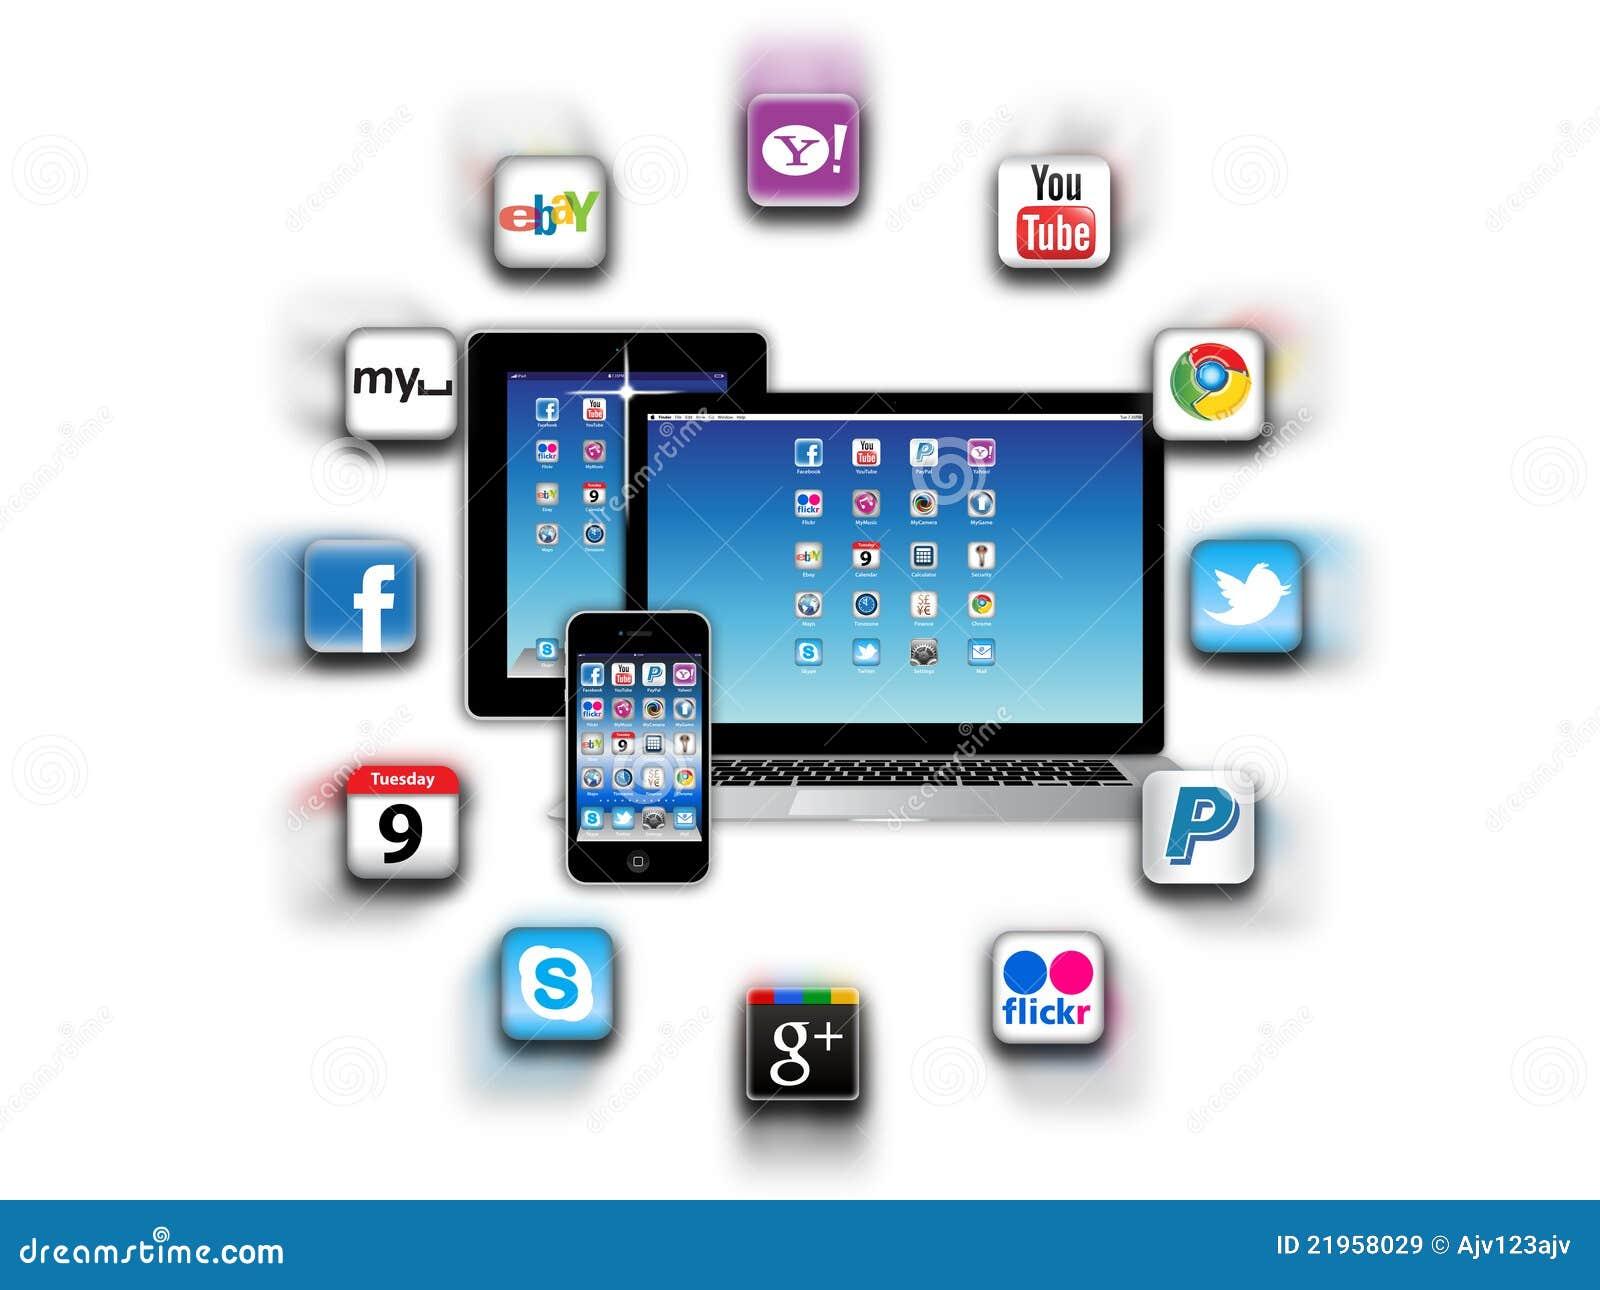 Mobilna apps sieć s dzisiaj co twój